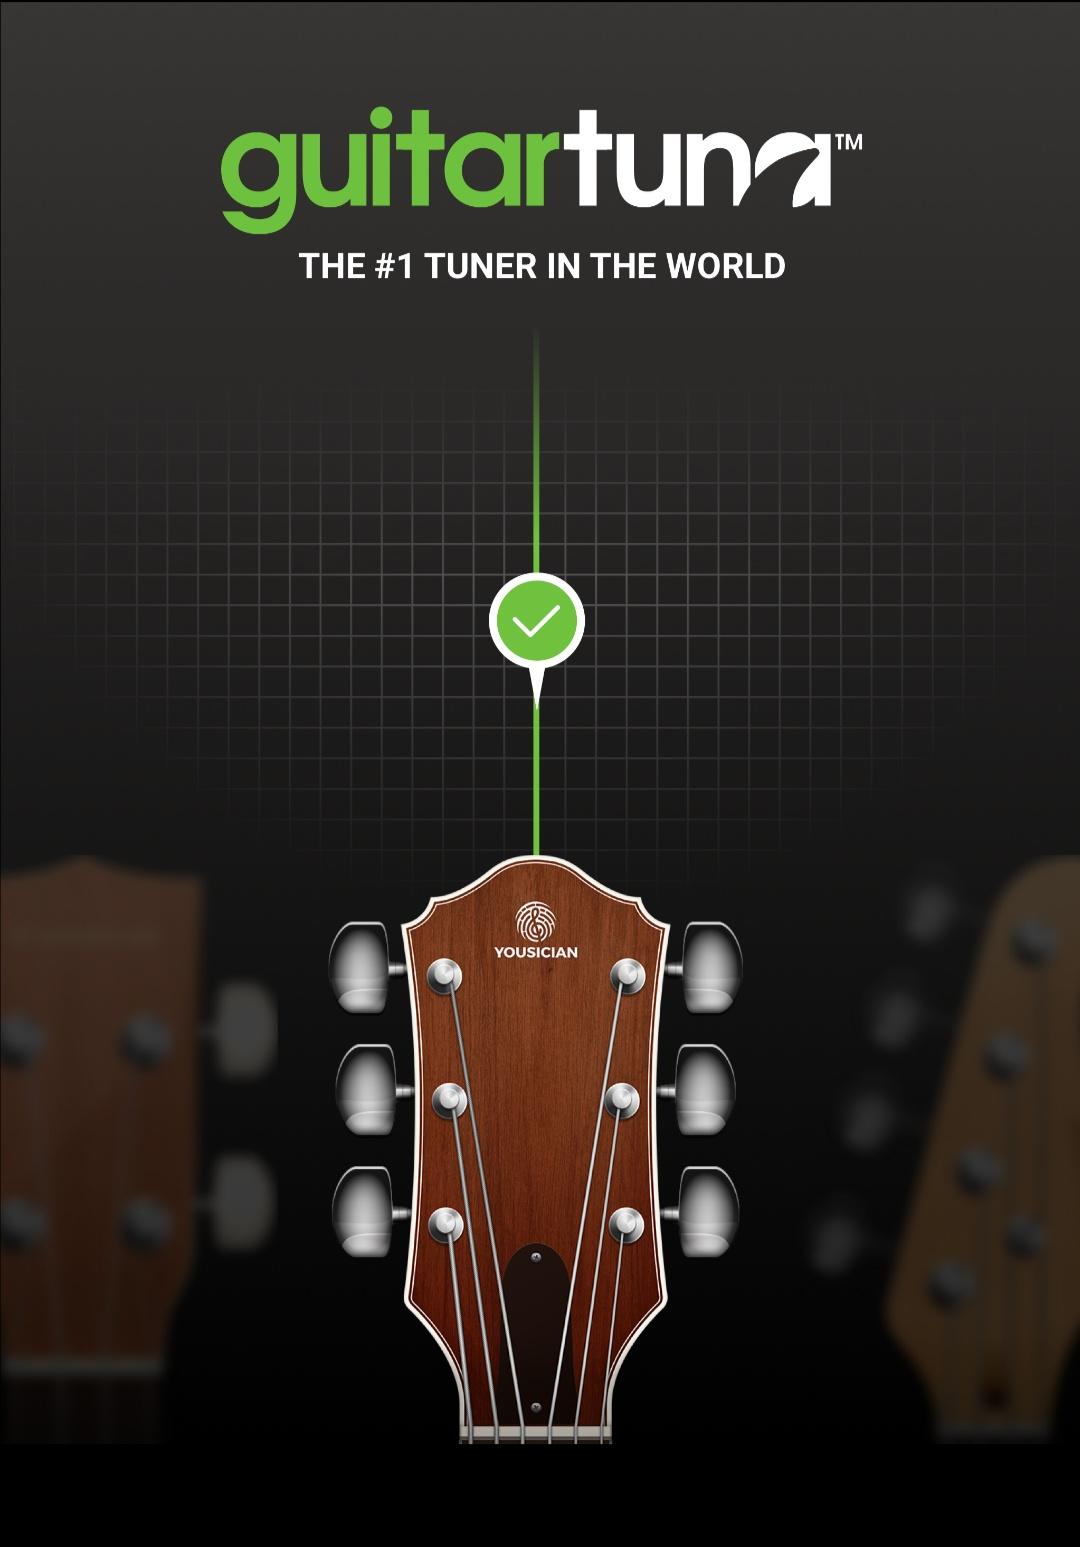 Aplikasi android stem gitar paling akurat